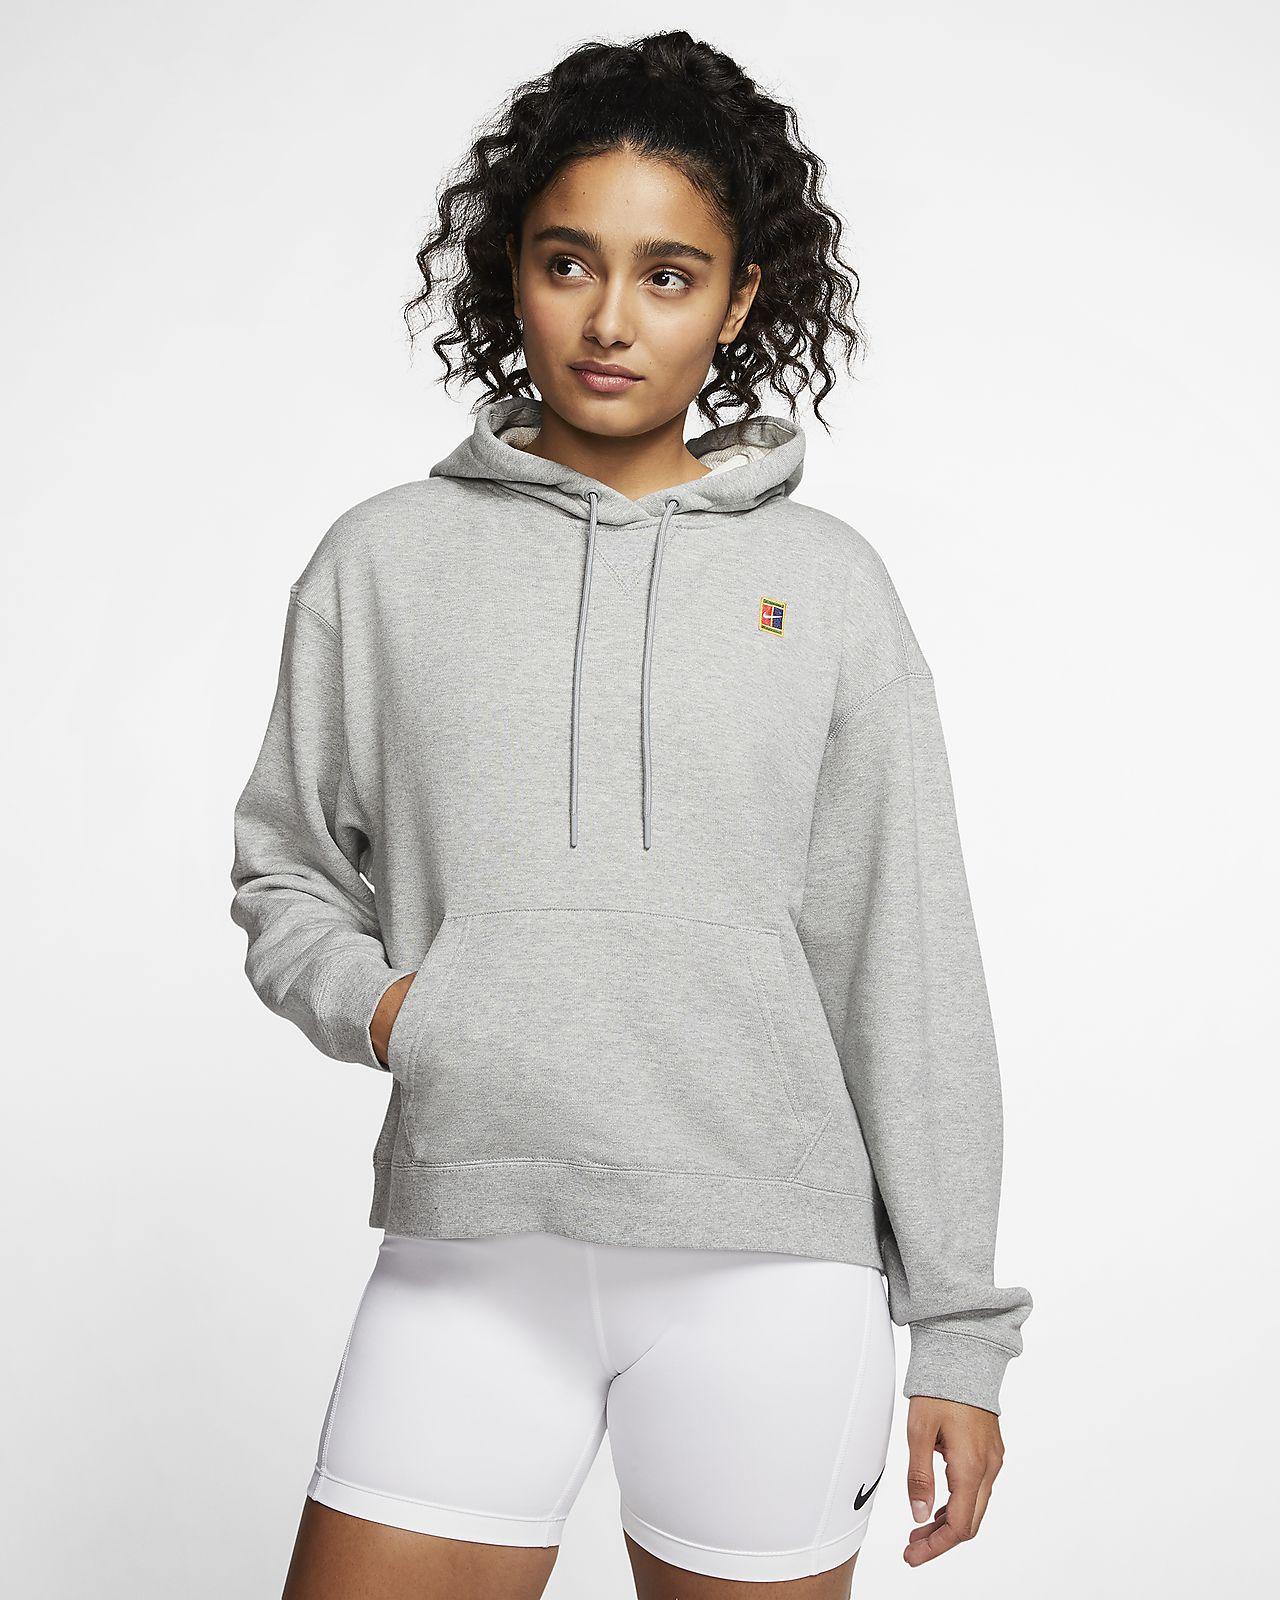 Γυναικεία μπλούζα με κουκούλα για τένις NikeCourt